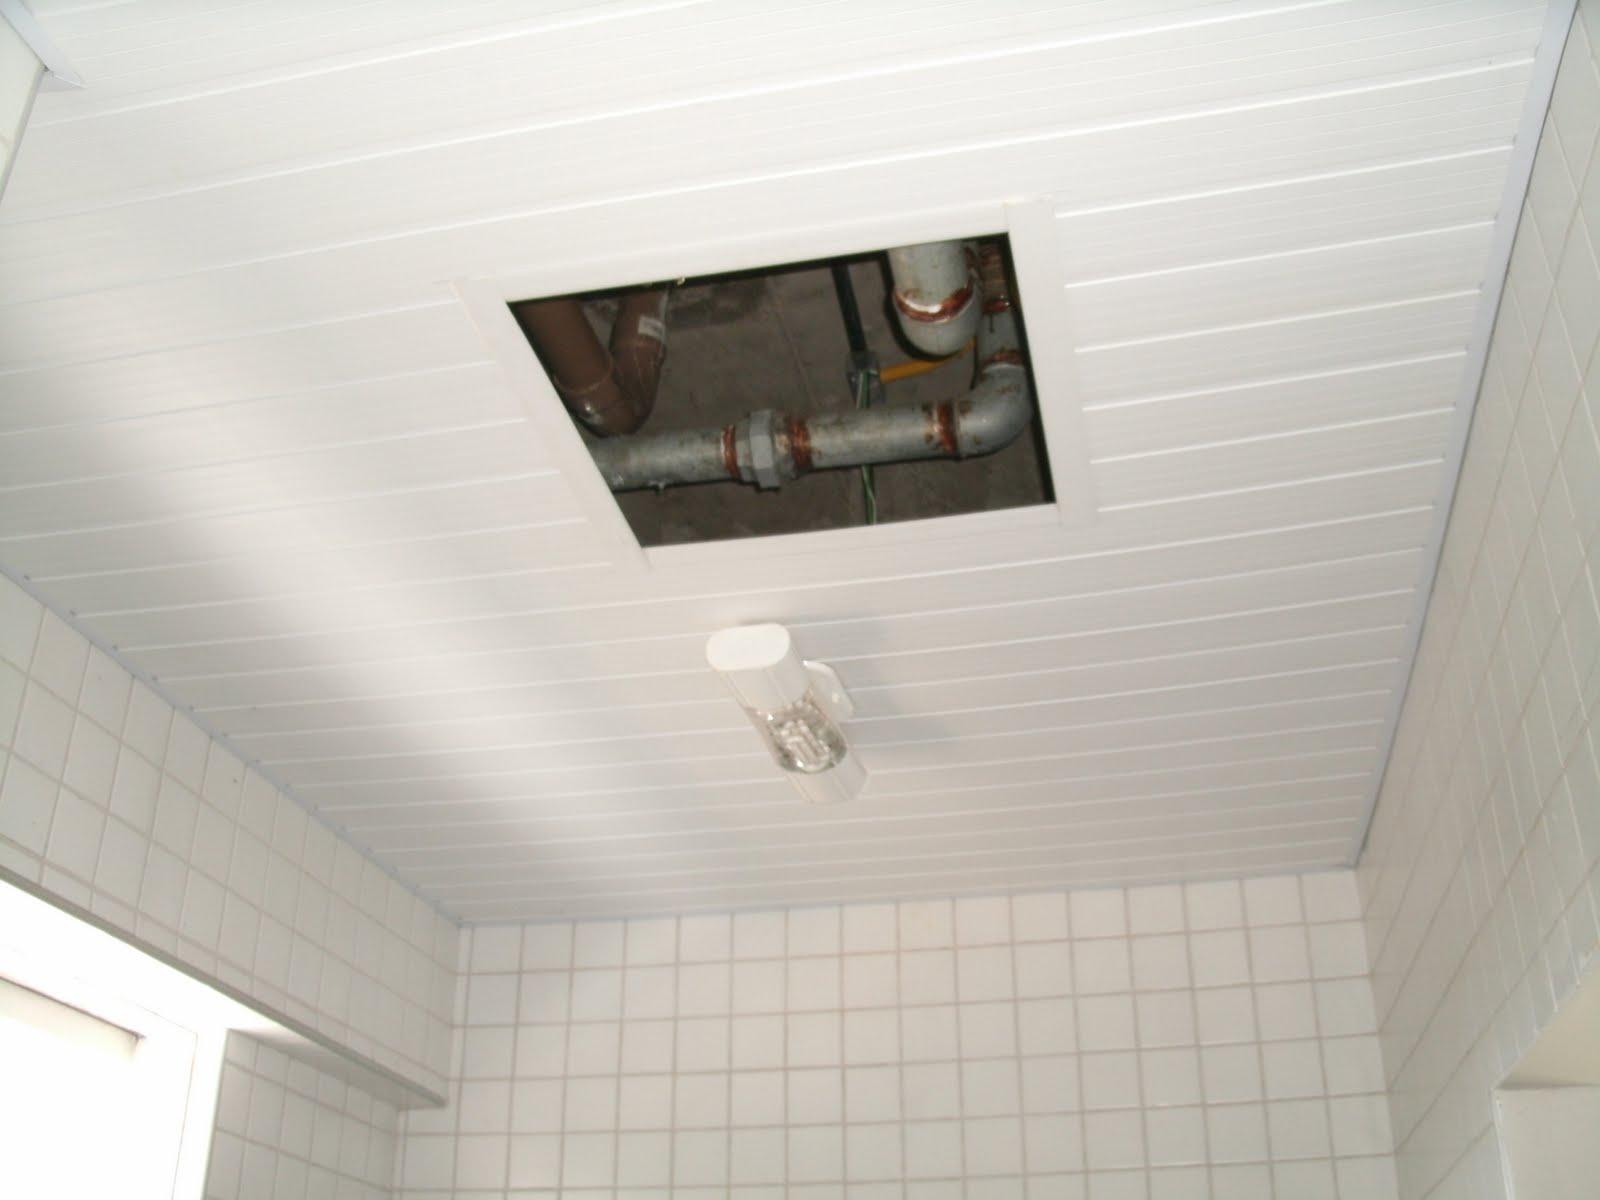 Forro do teto do banheiro caiu e nunca foi providenciado #5C4938 1600 1200